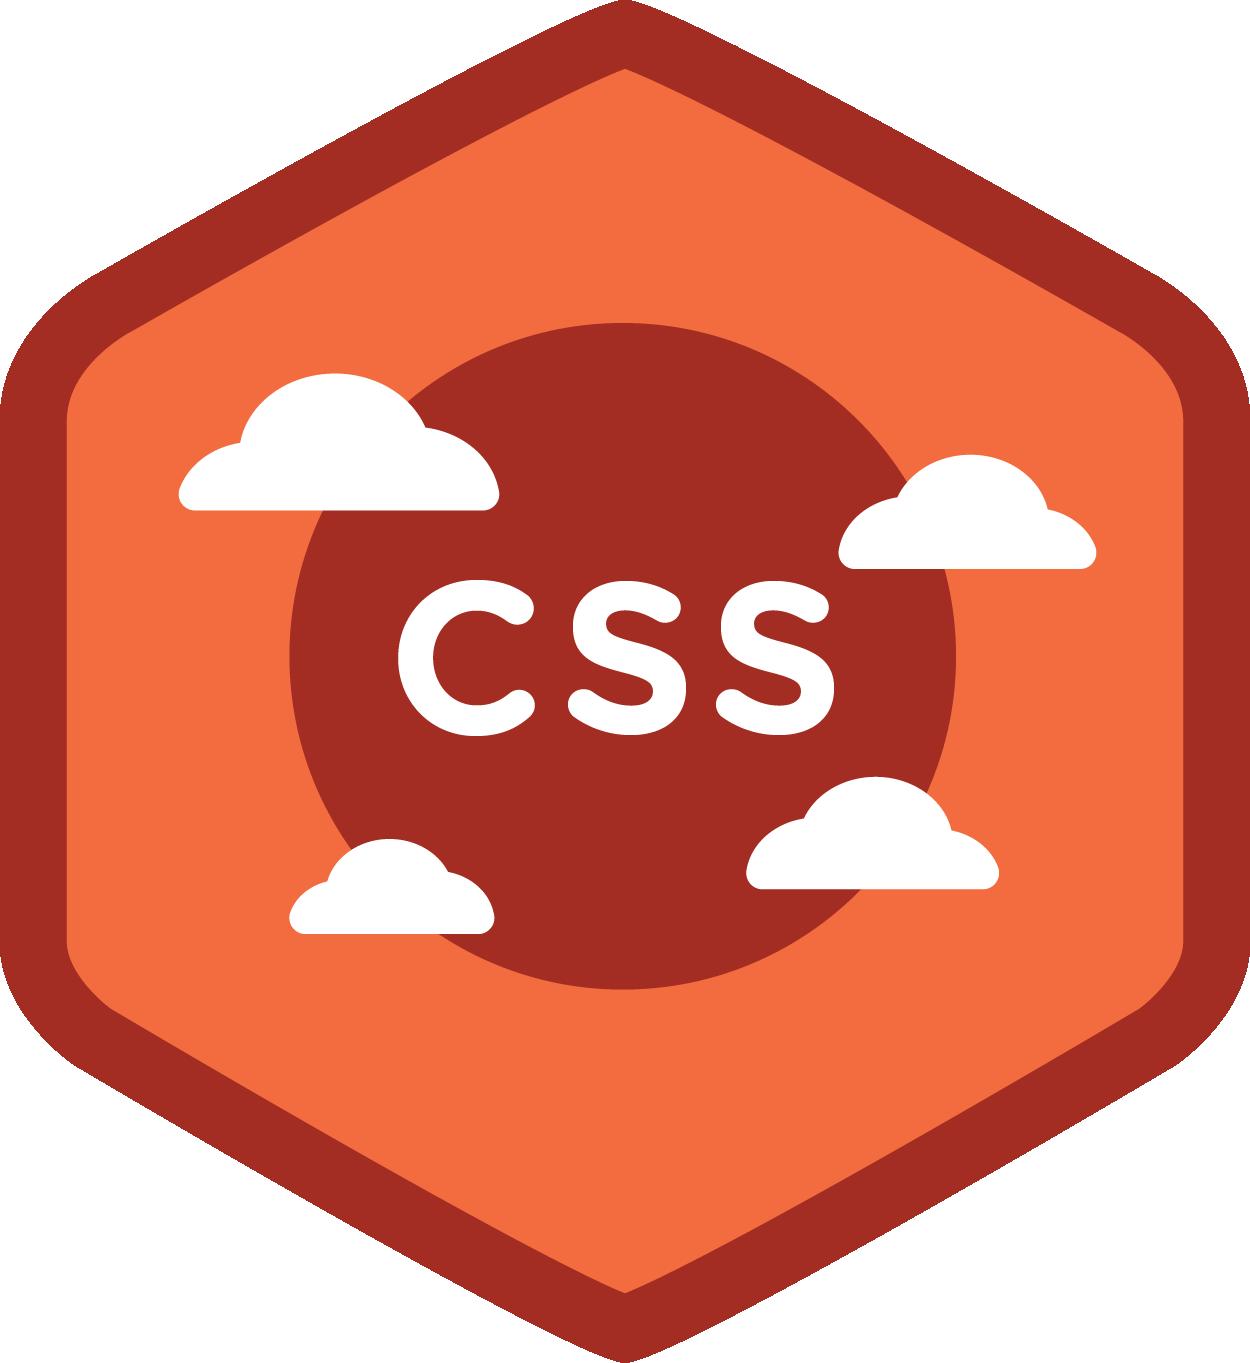 MASH CSS